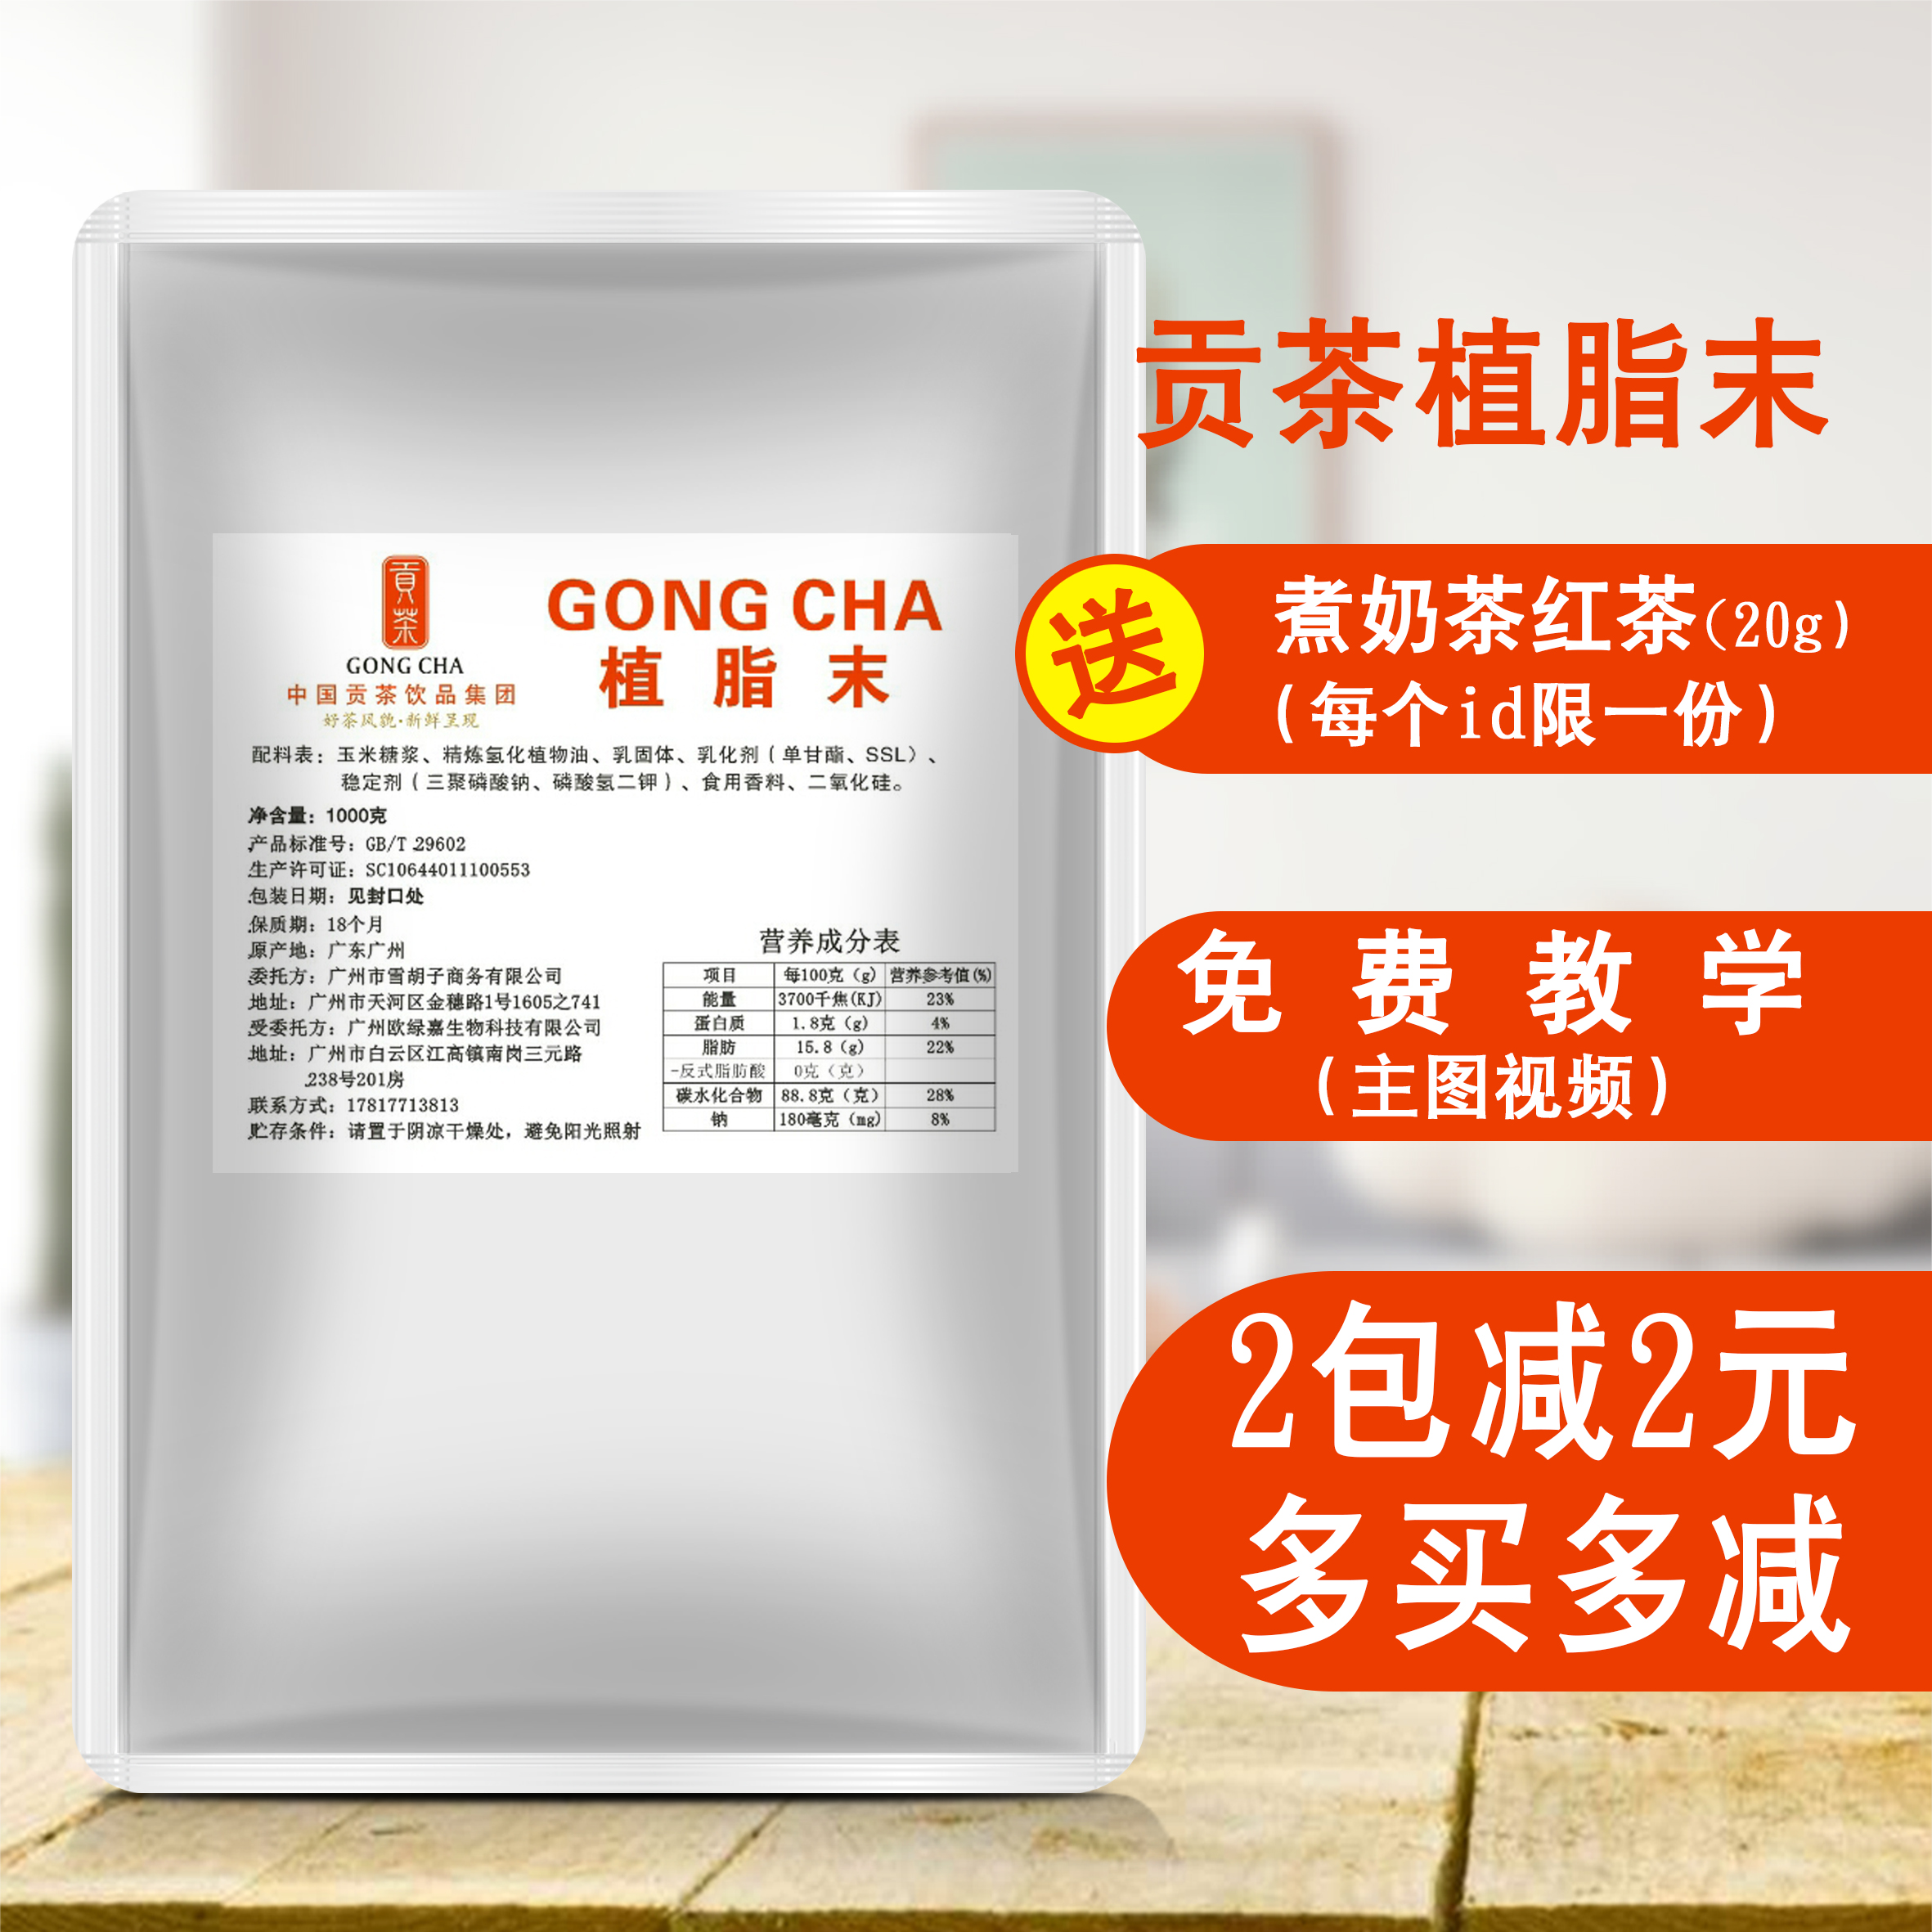 Дань чай завод смазка конец молоко хорошо порошок 1kg молочный чай магазин с оригинала материал кофе спутник молочный чай сырье отправить специальный чай